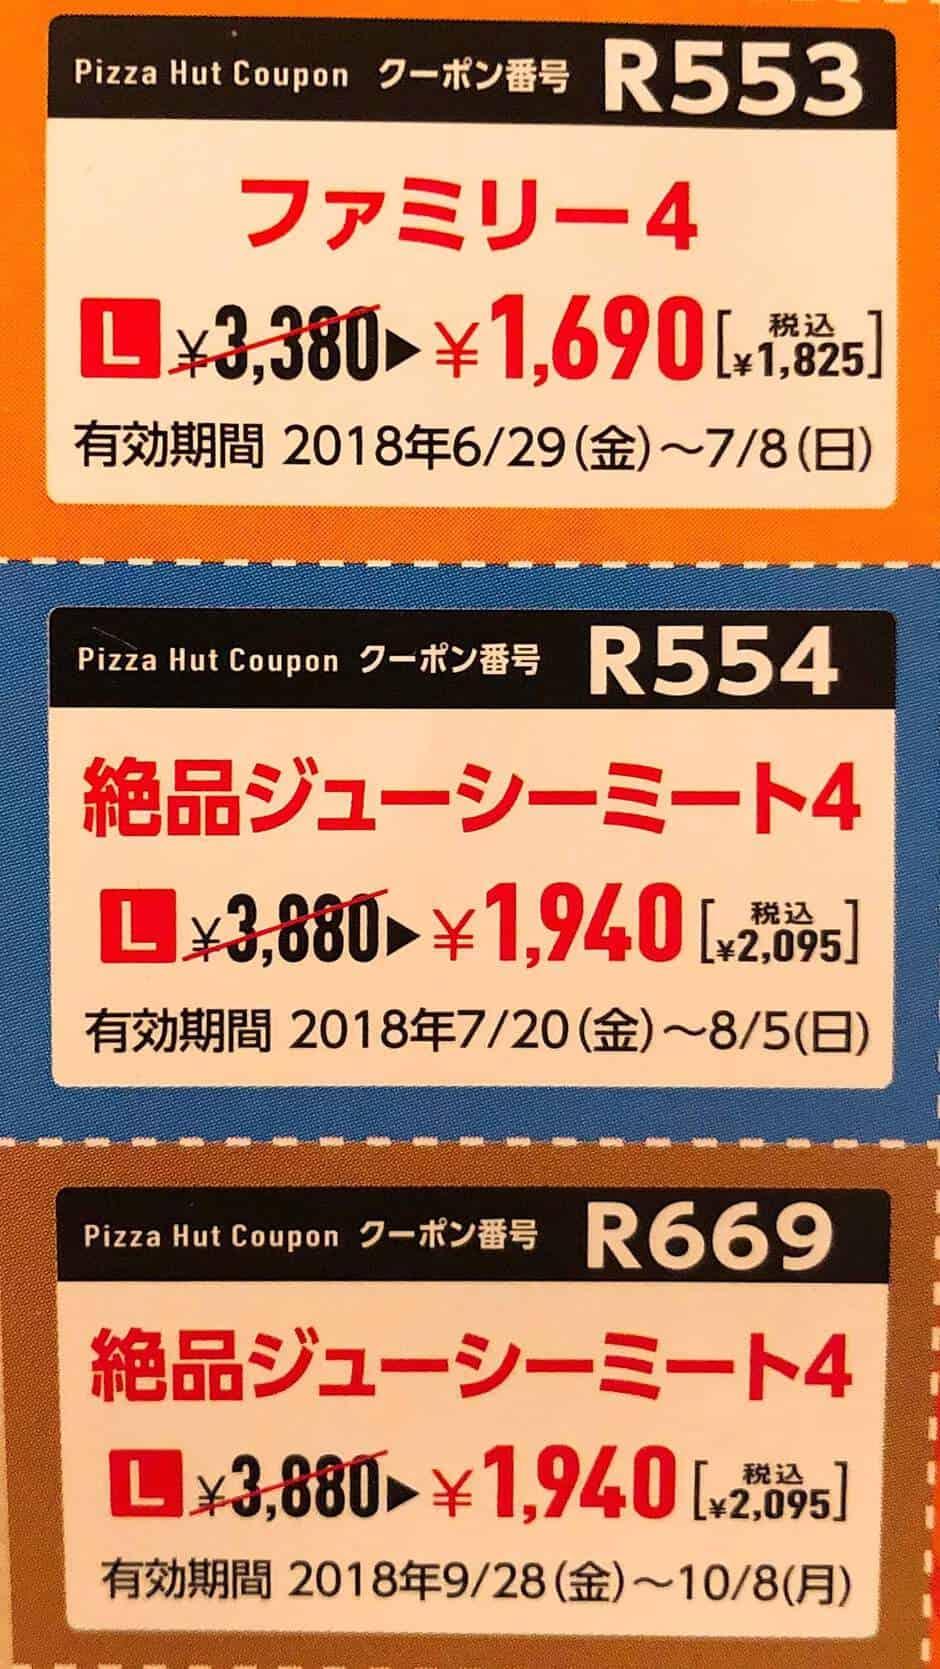 ピザハット「ファミリー4・絶品ジューシーミート4」半額クーポン番号